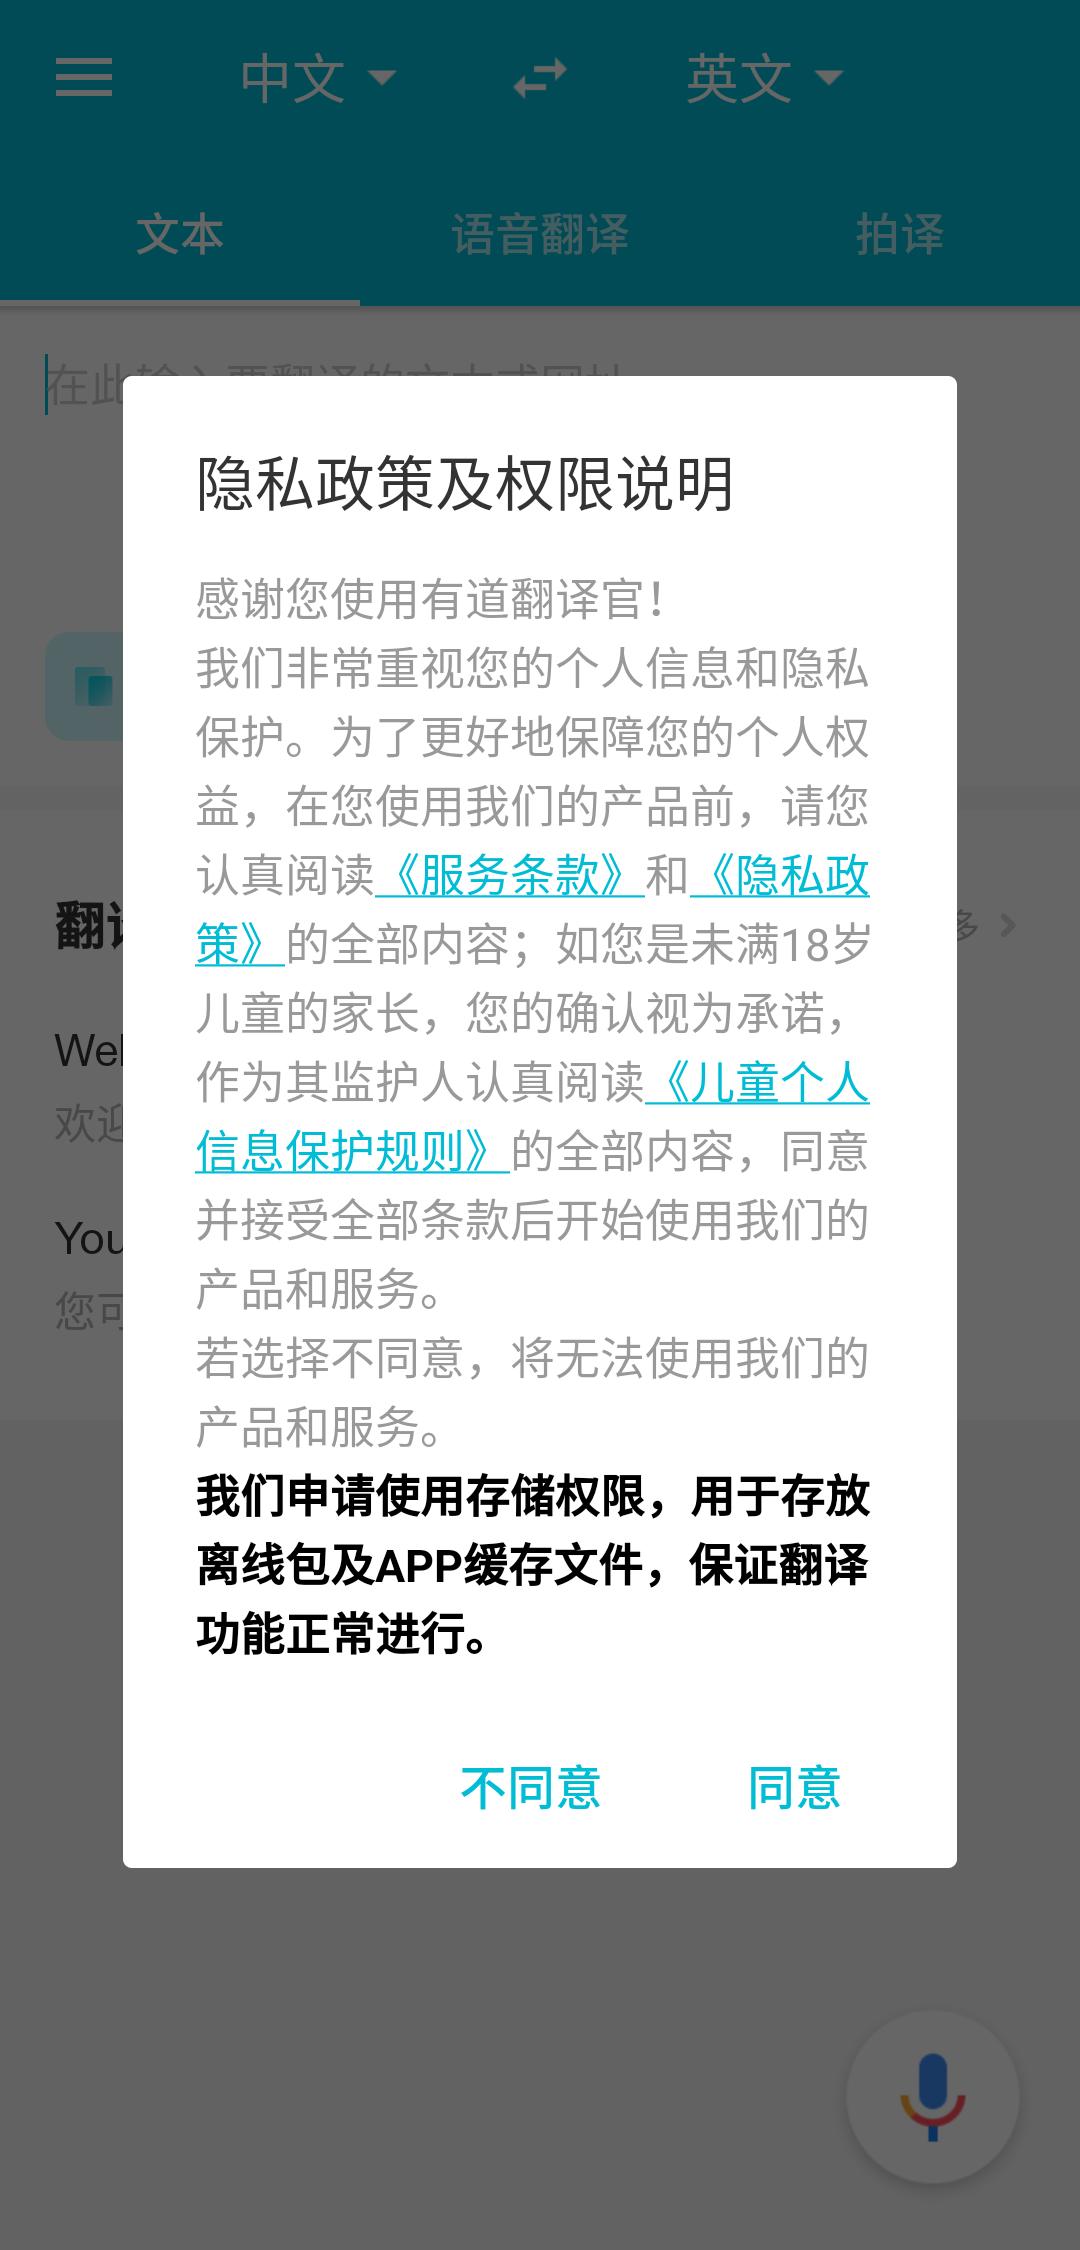 【分享】有道翻译官V3. 10. 2谷歌版 支持游戏翻译